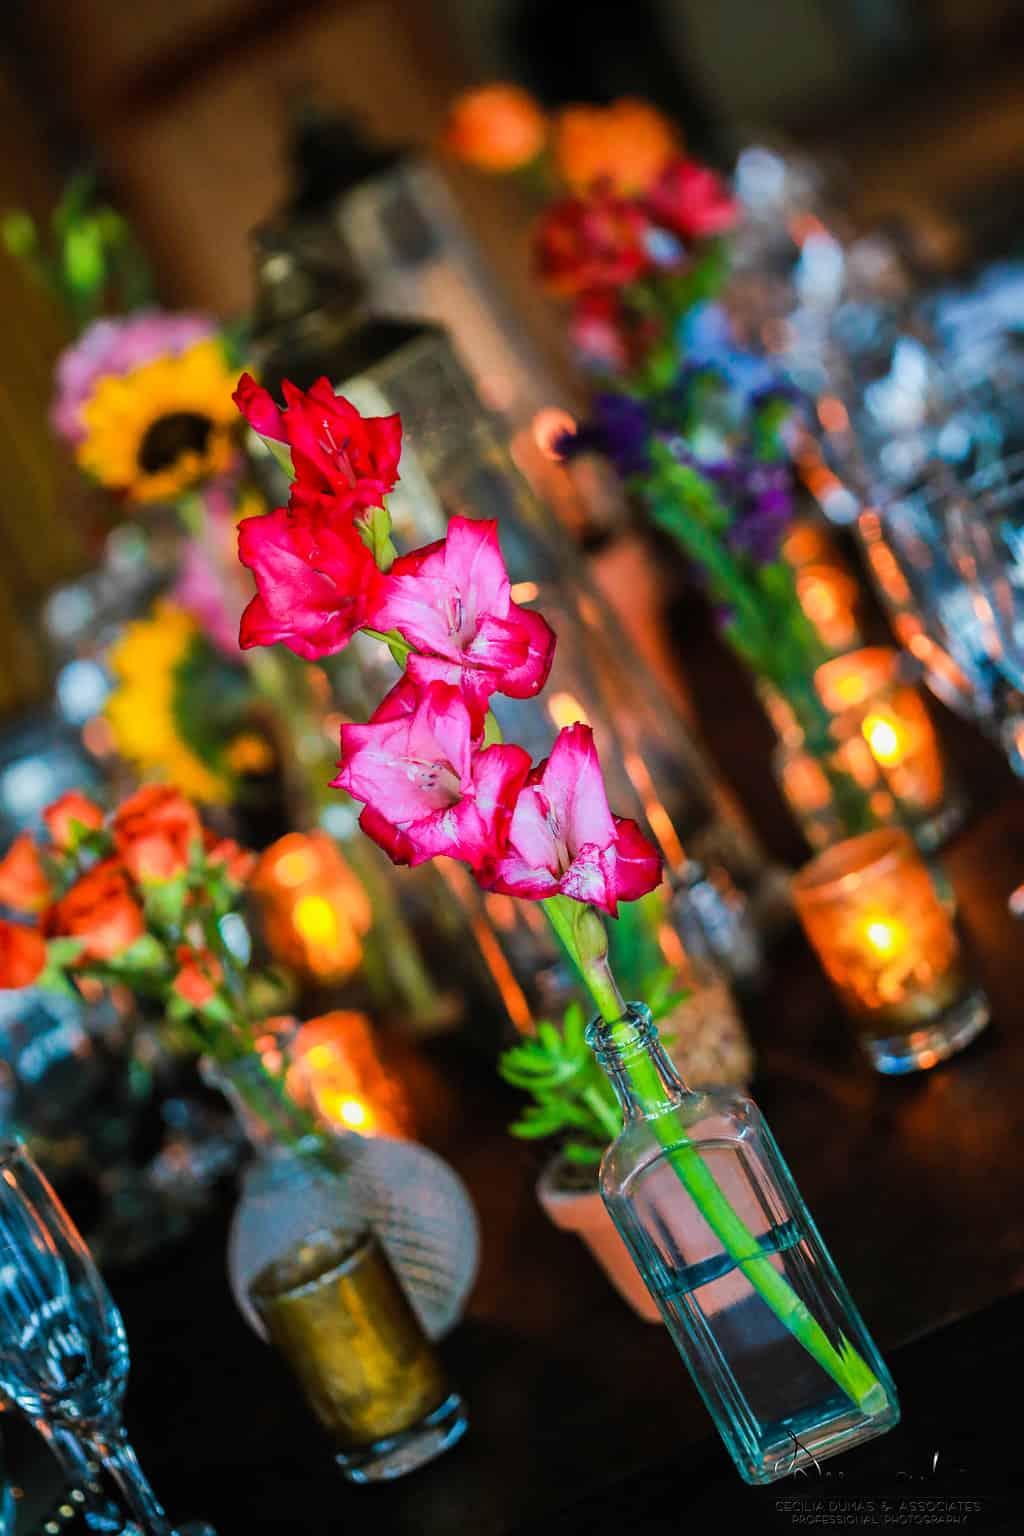 mahekalhotel-playadelcarmen-weddingphotography-lindseyalfredo121